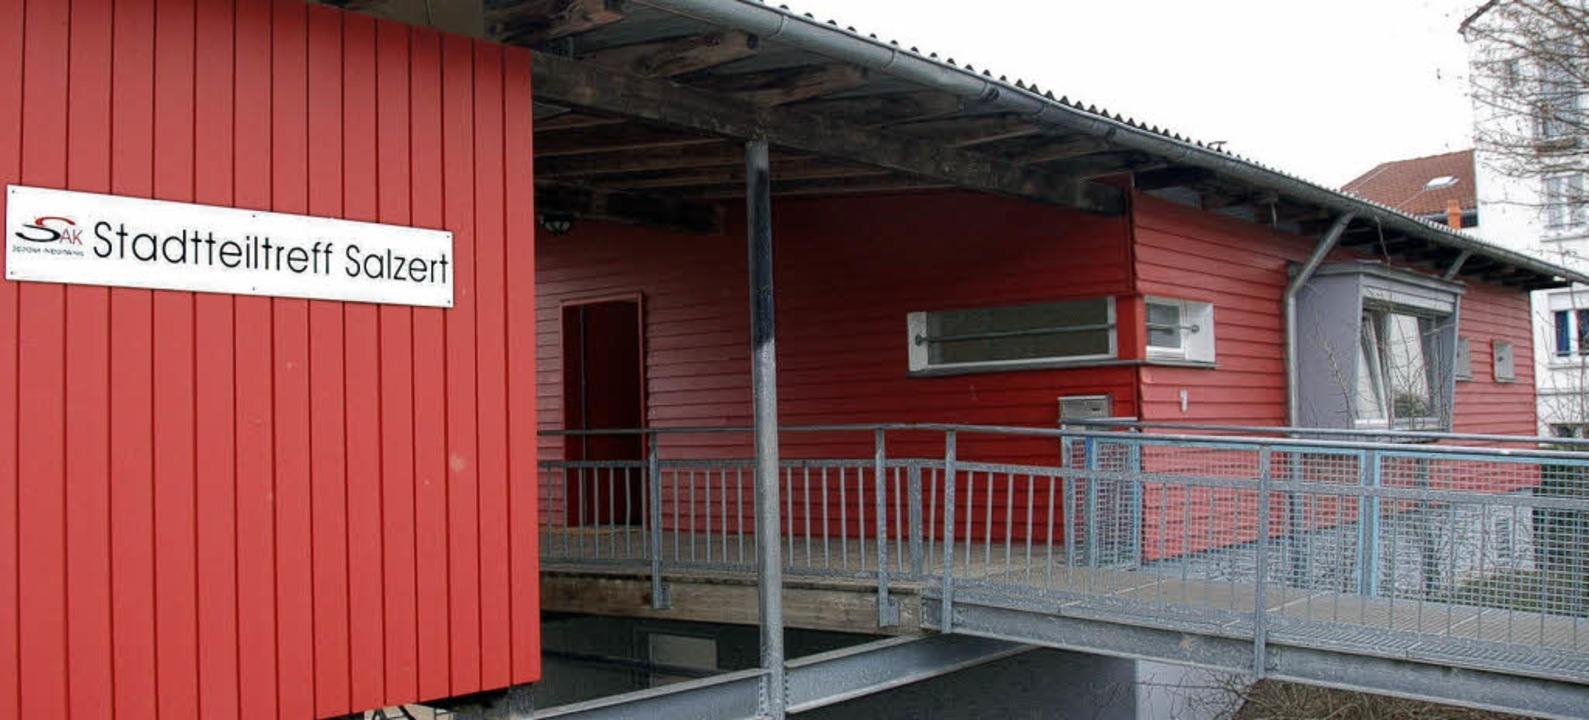 Der Stadtteiltreff auf dem Salzert, na...de gestern offiziell wieder eröffnet.   | Foto: Nikolaus Trenz